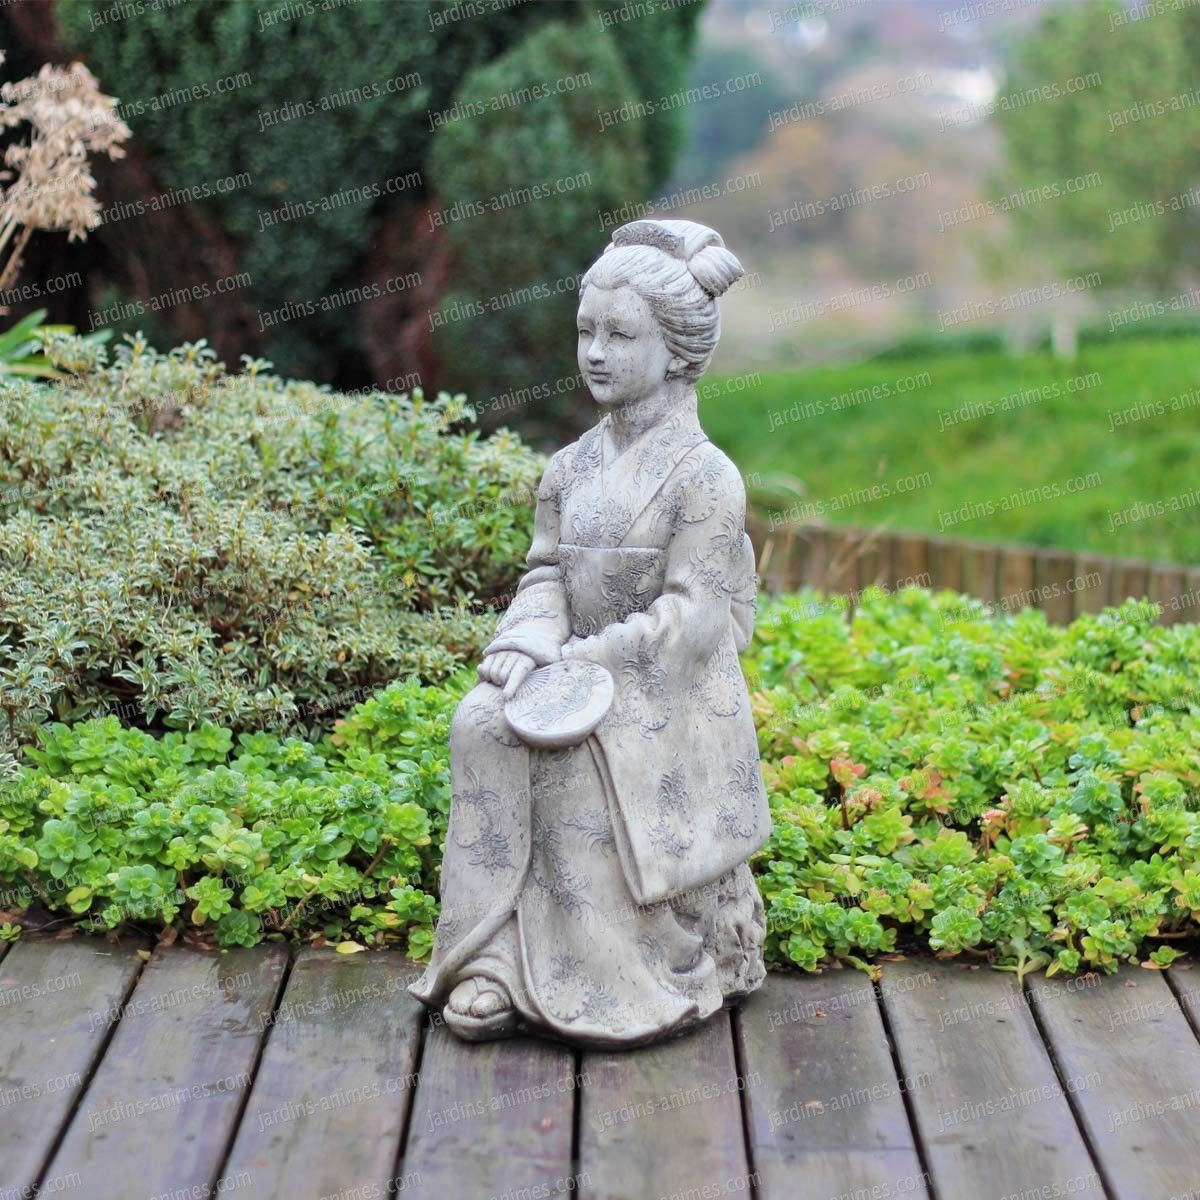 Statuette Geisha En Beton   Geisha Japonaise, Geisha Et Japon dedans Jardins Animés Sculpture